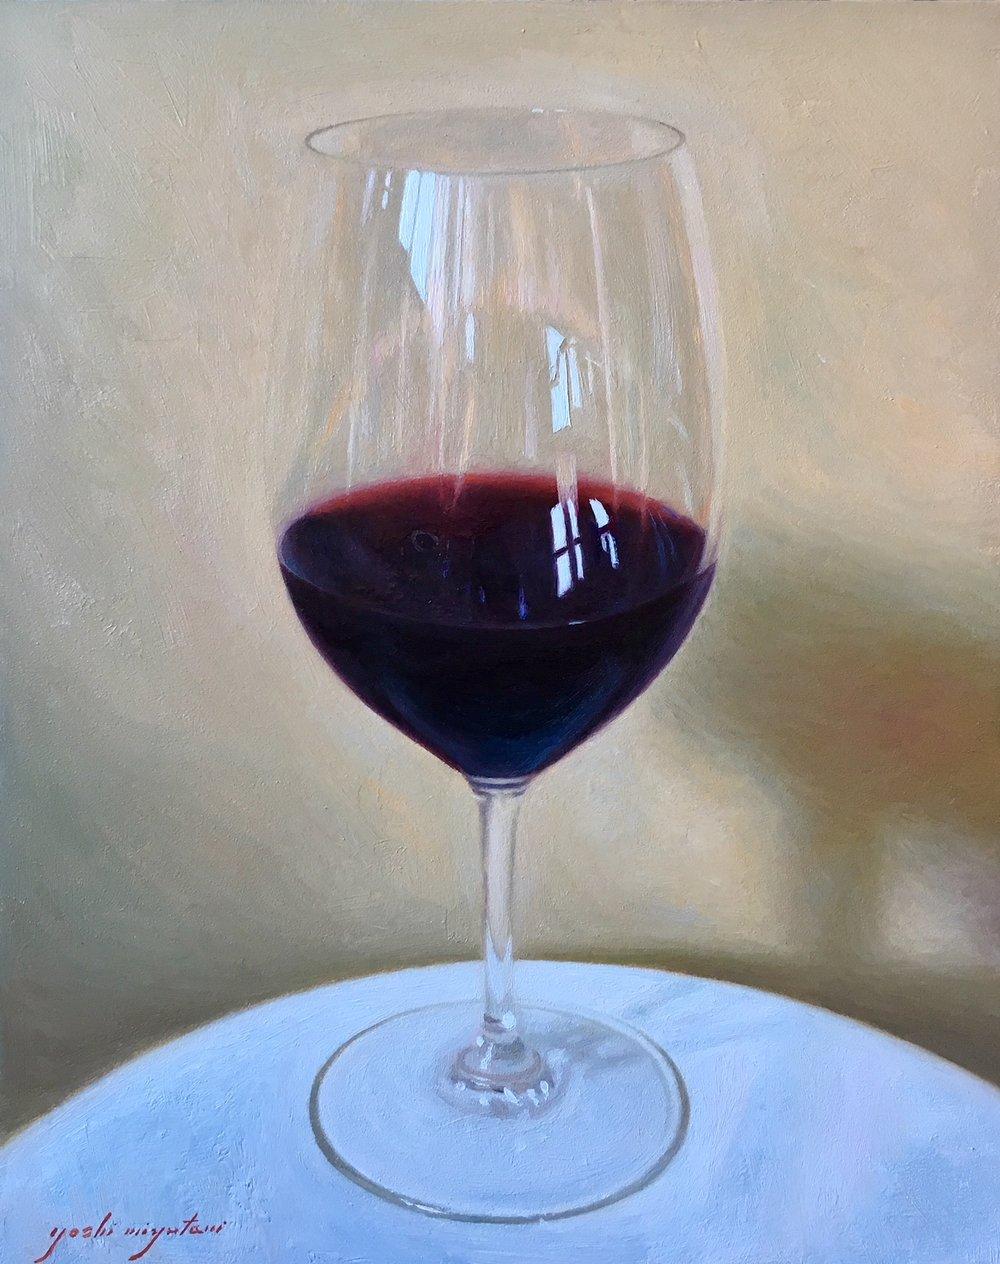 Glass of Bordeaux